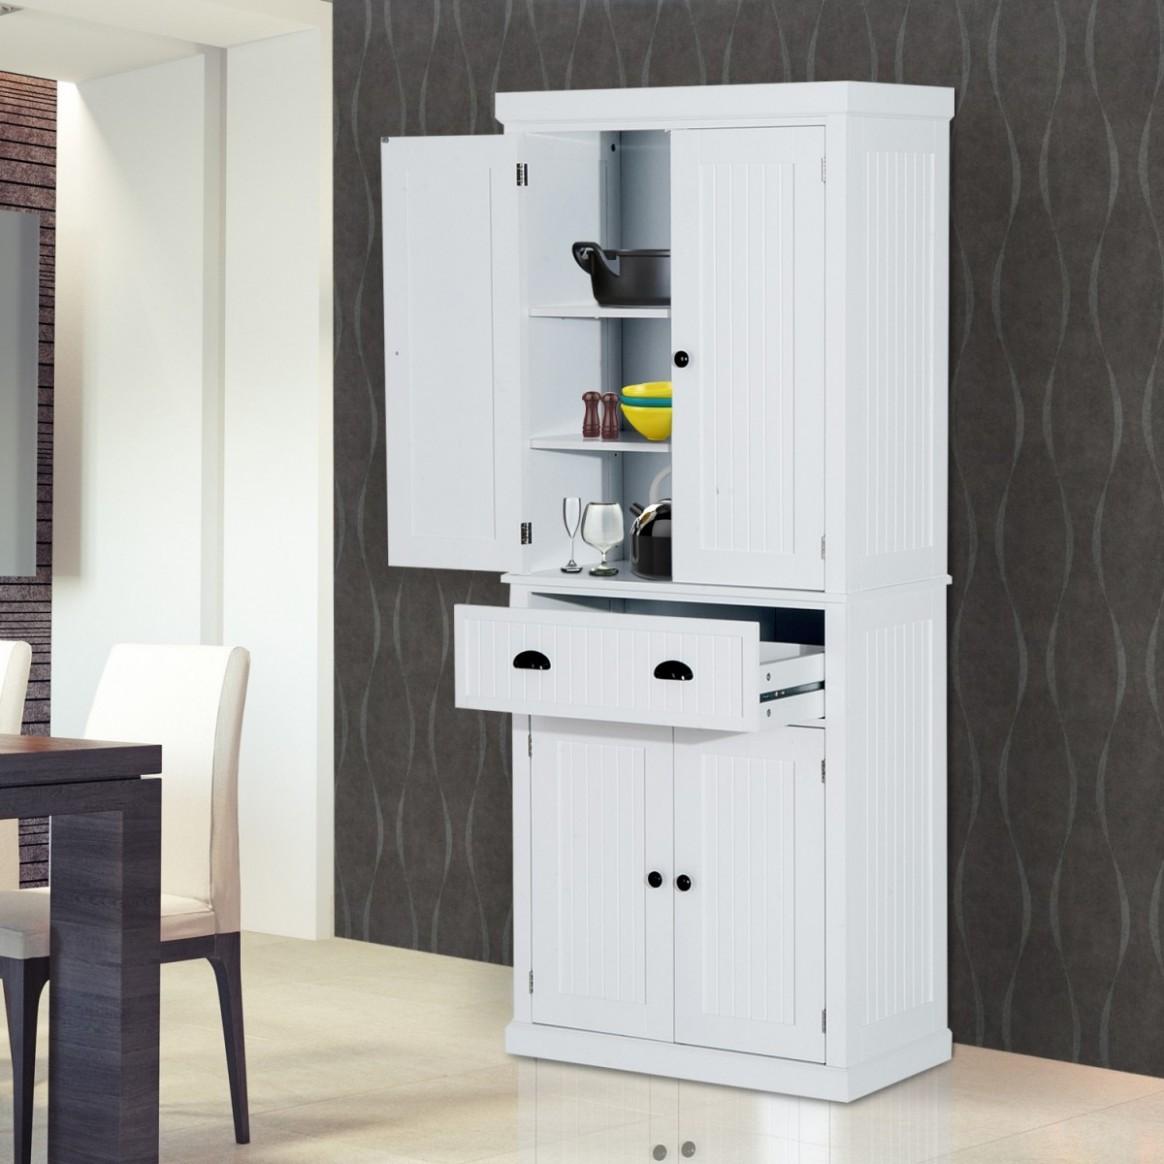 Homcom 11-Door Kitchen Storage Cabinet - White - Four Door Kitchen Cabinet